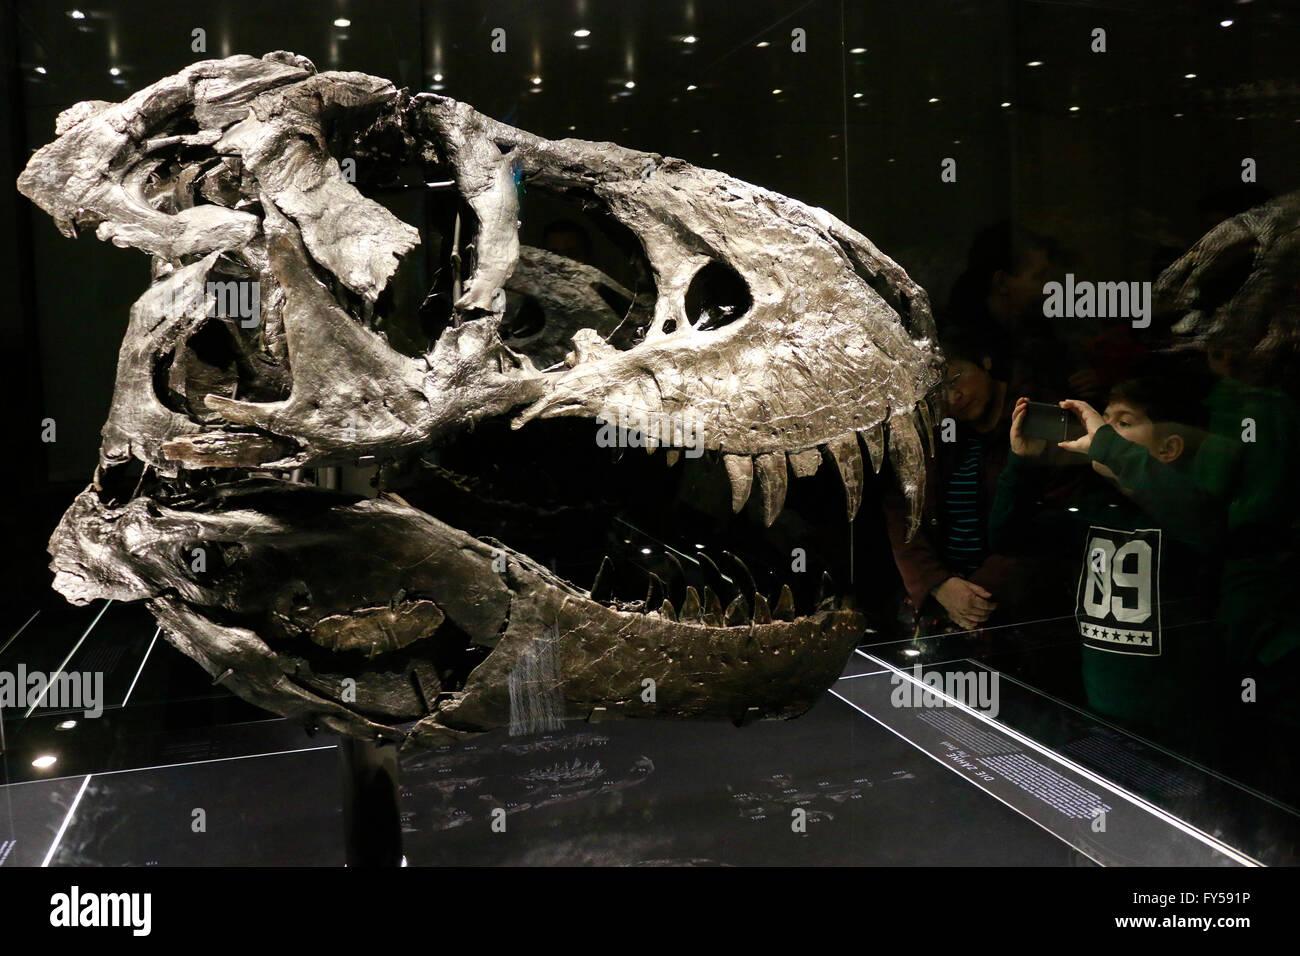 der Kopf des Tyrannus Saurus Rex 'Tristan Otto', Naturhistorisches Museum, Berlin. - Stock Image